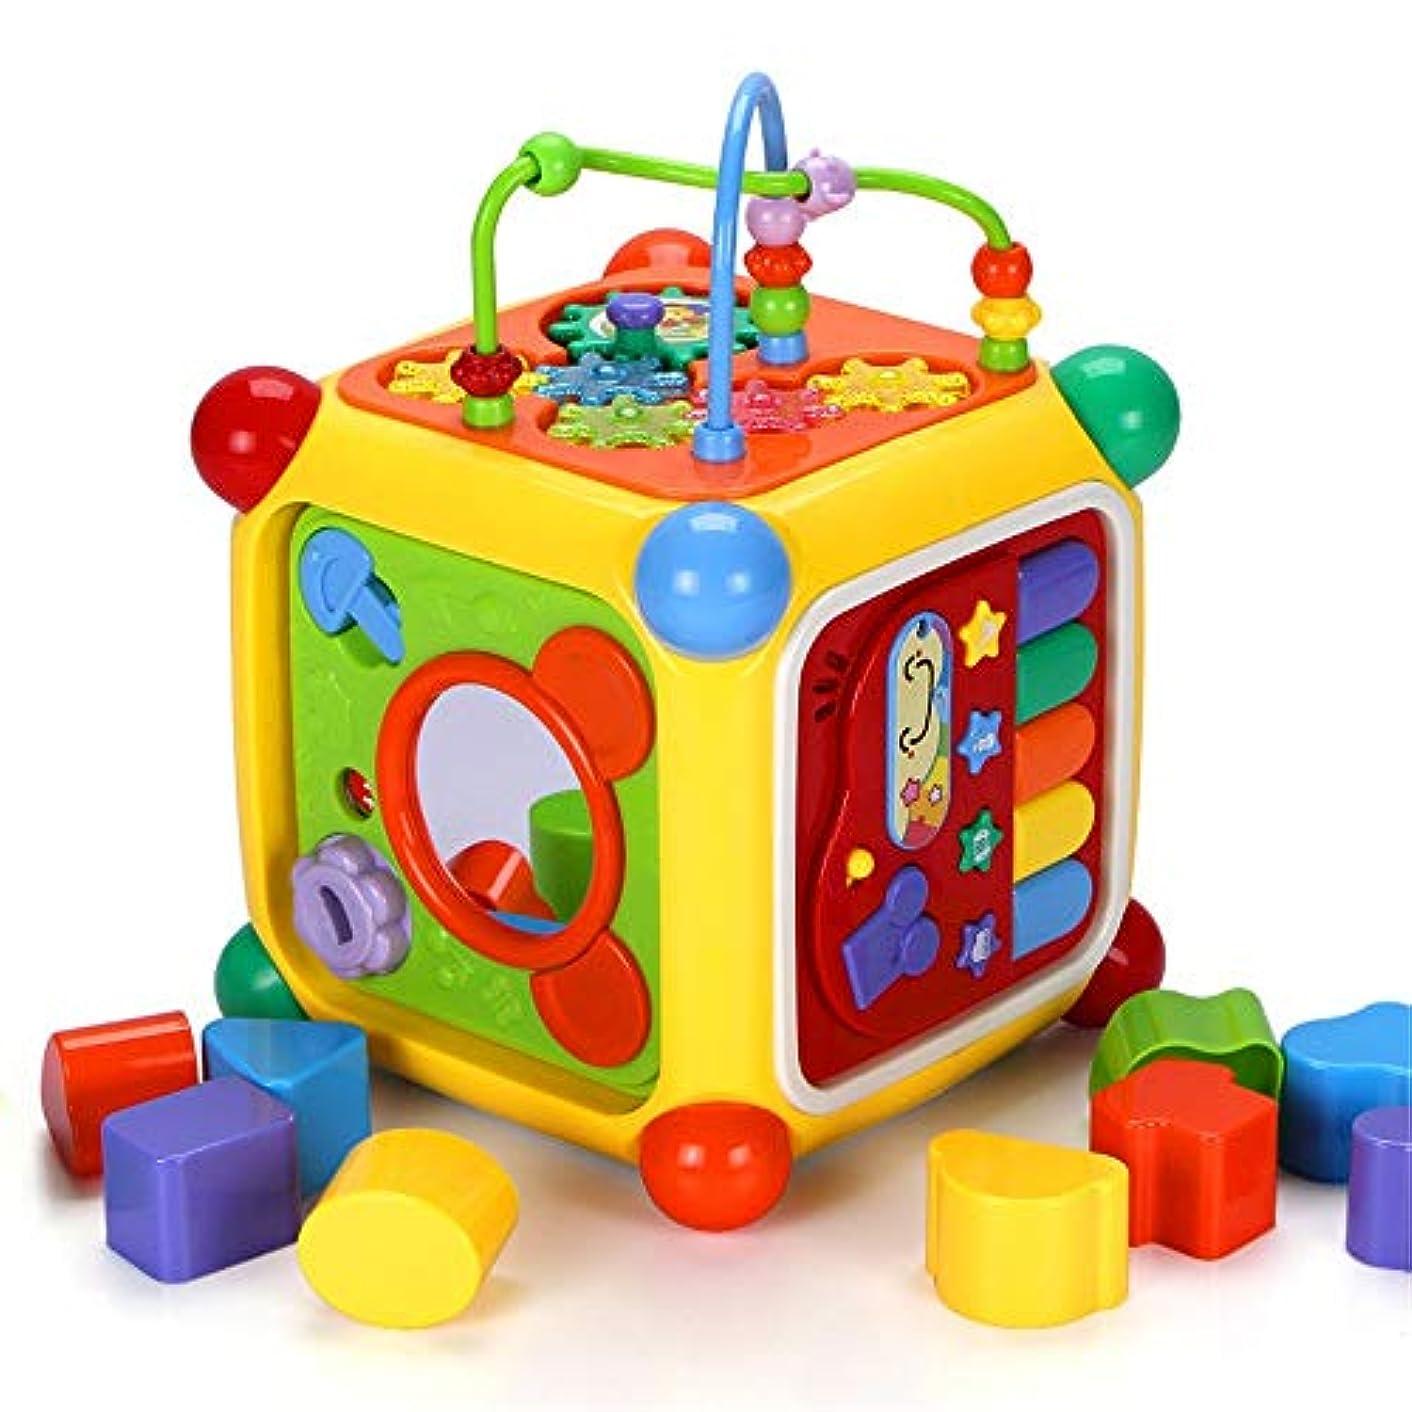 盟主弁護人袋学習玩具 ビーズ迷路赤ちゃん幼児活動センター音楽活動キューブラーニングセンターおもちゃのインタラクティブ教育活動を再生します (Color : Multi-colored, Size : Free size)